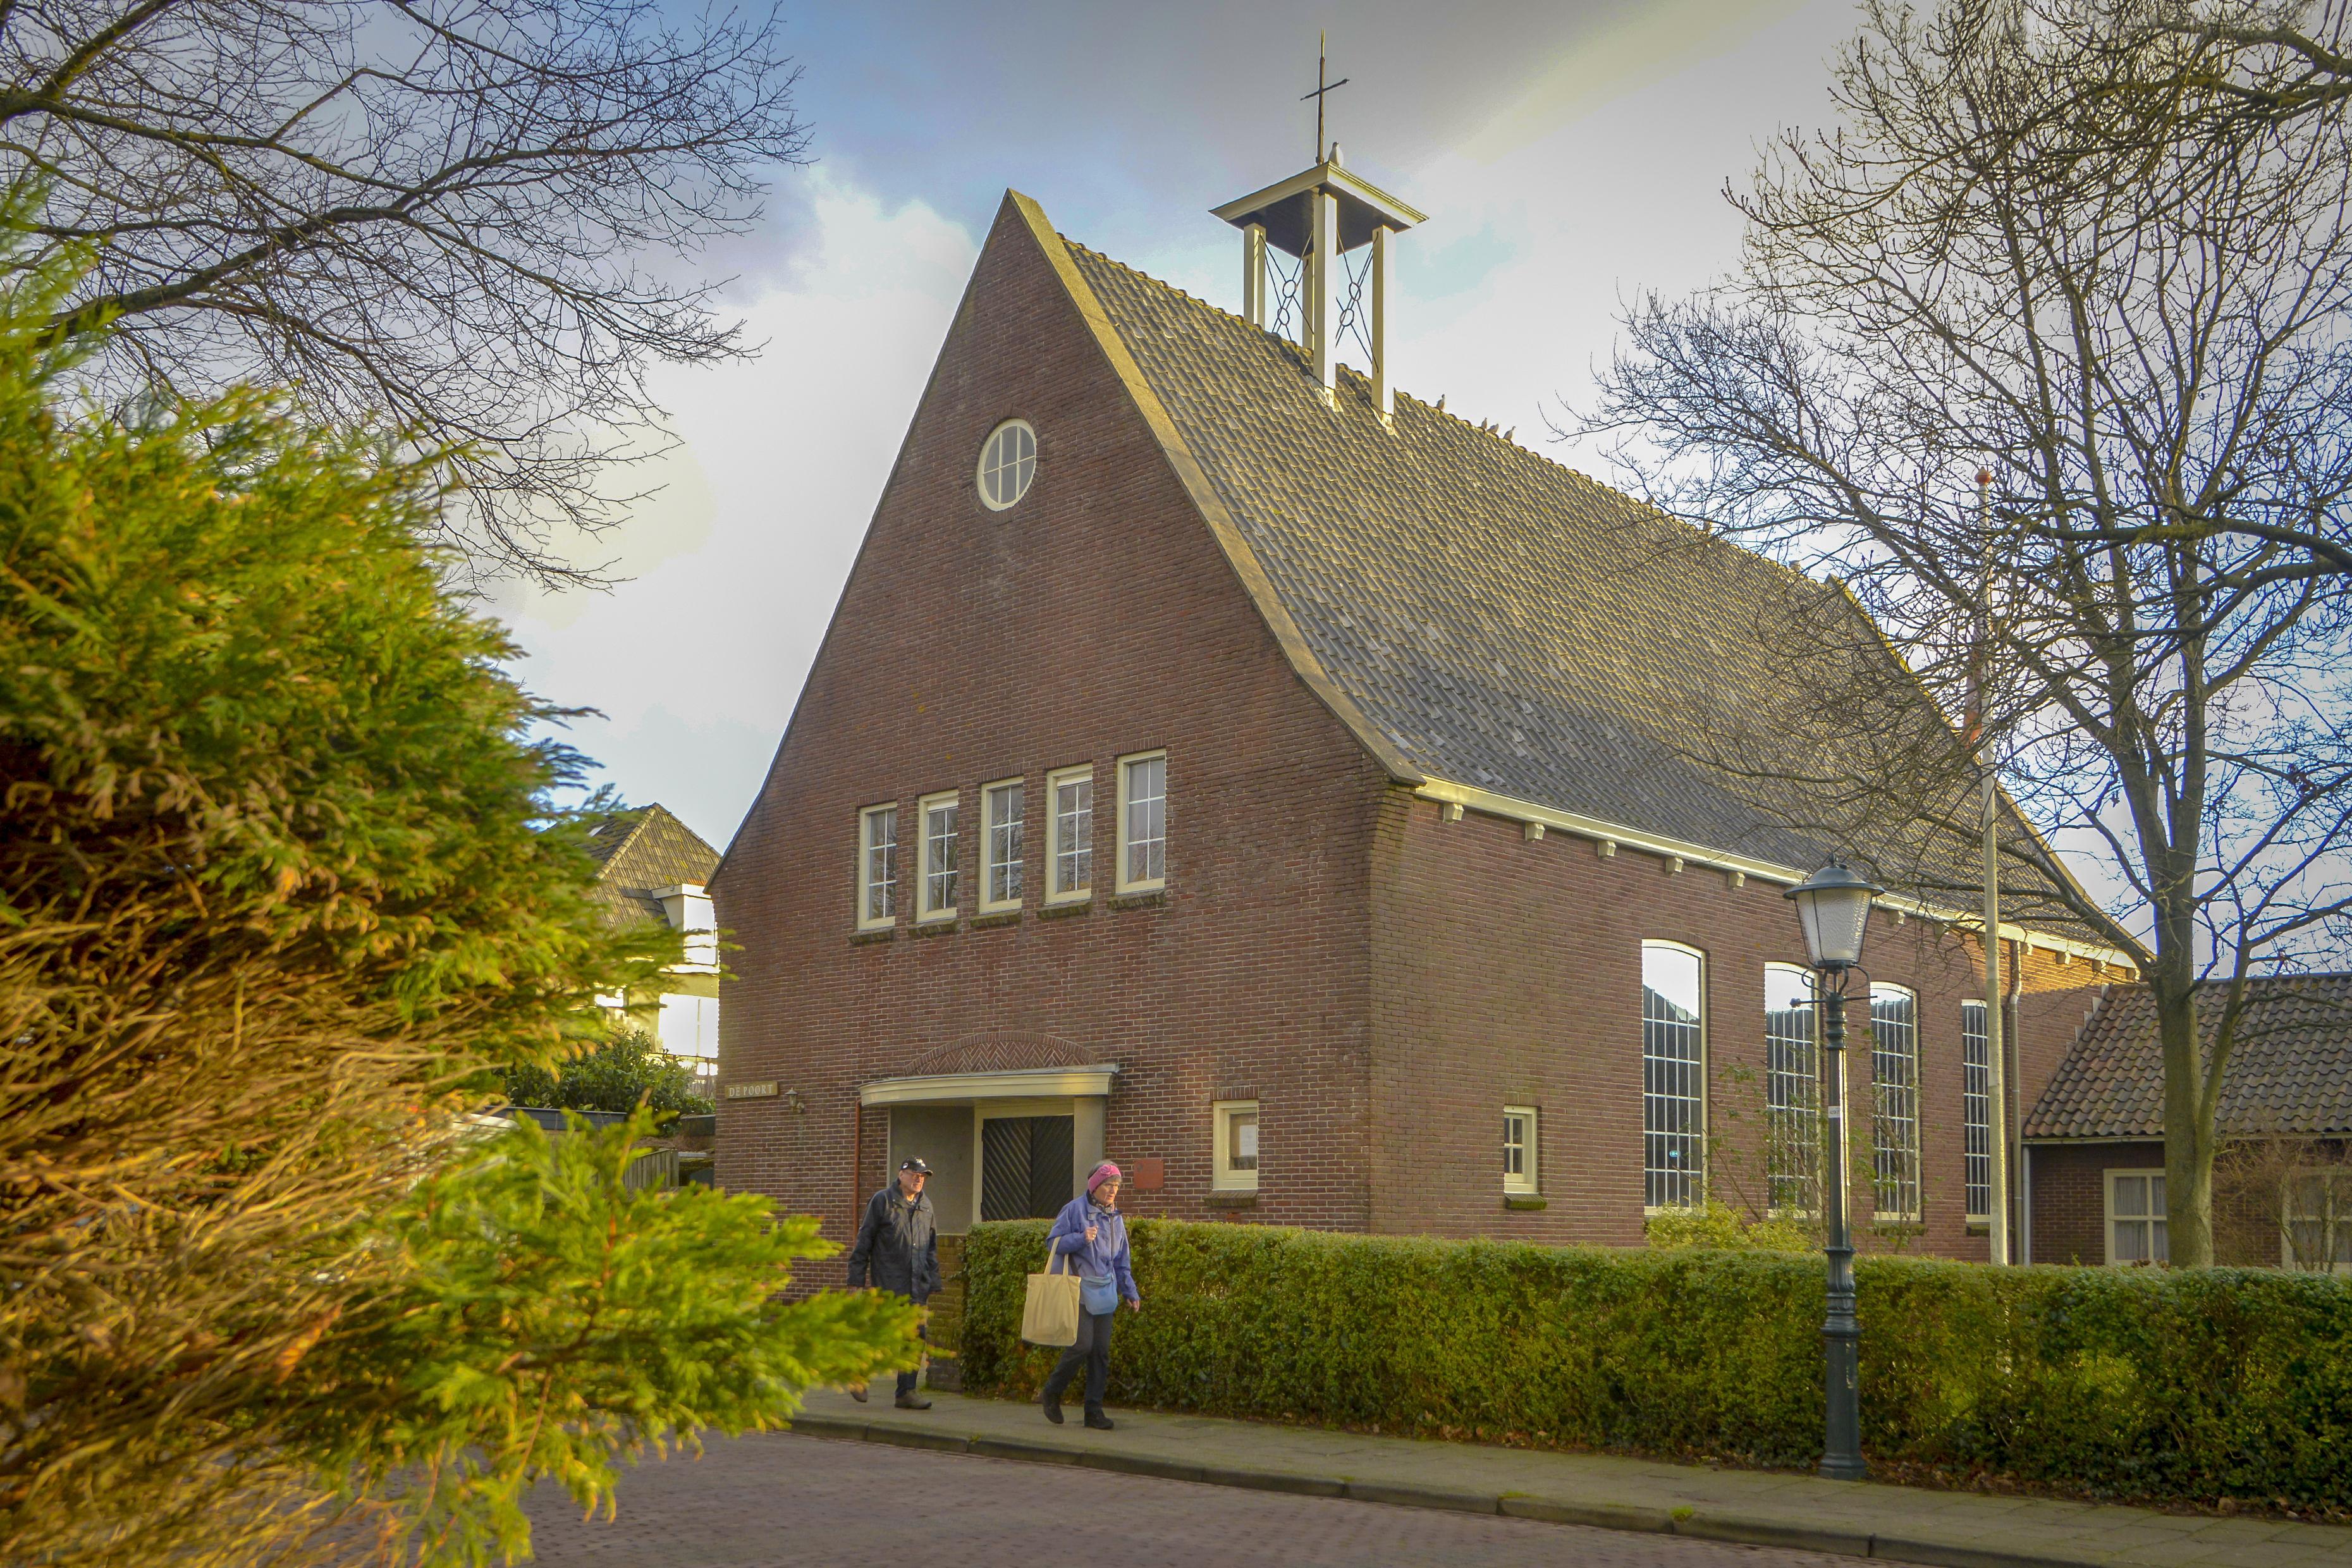 De kerk aan de Elemert op Texel is verkocht, maar: 'Volgens de koper blijft het gebouw zoals het is'